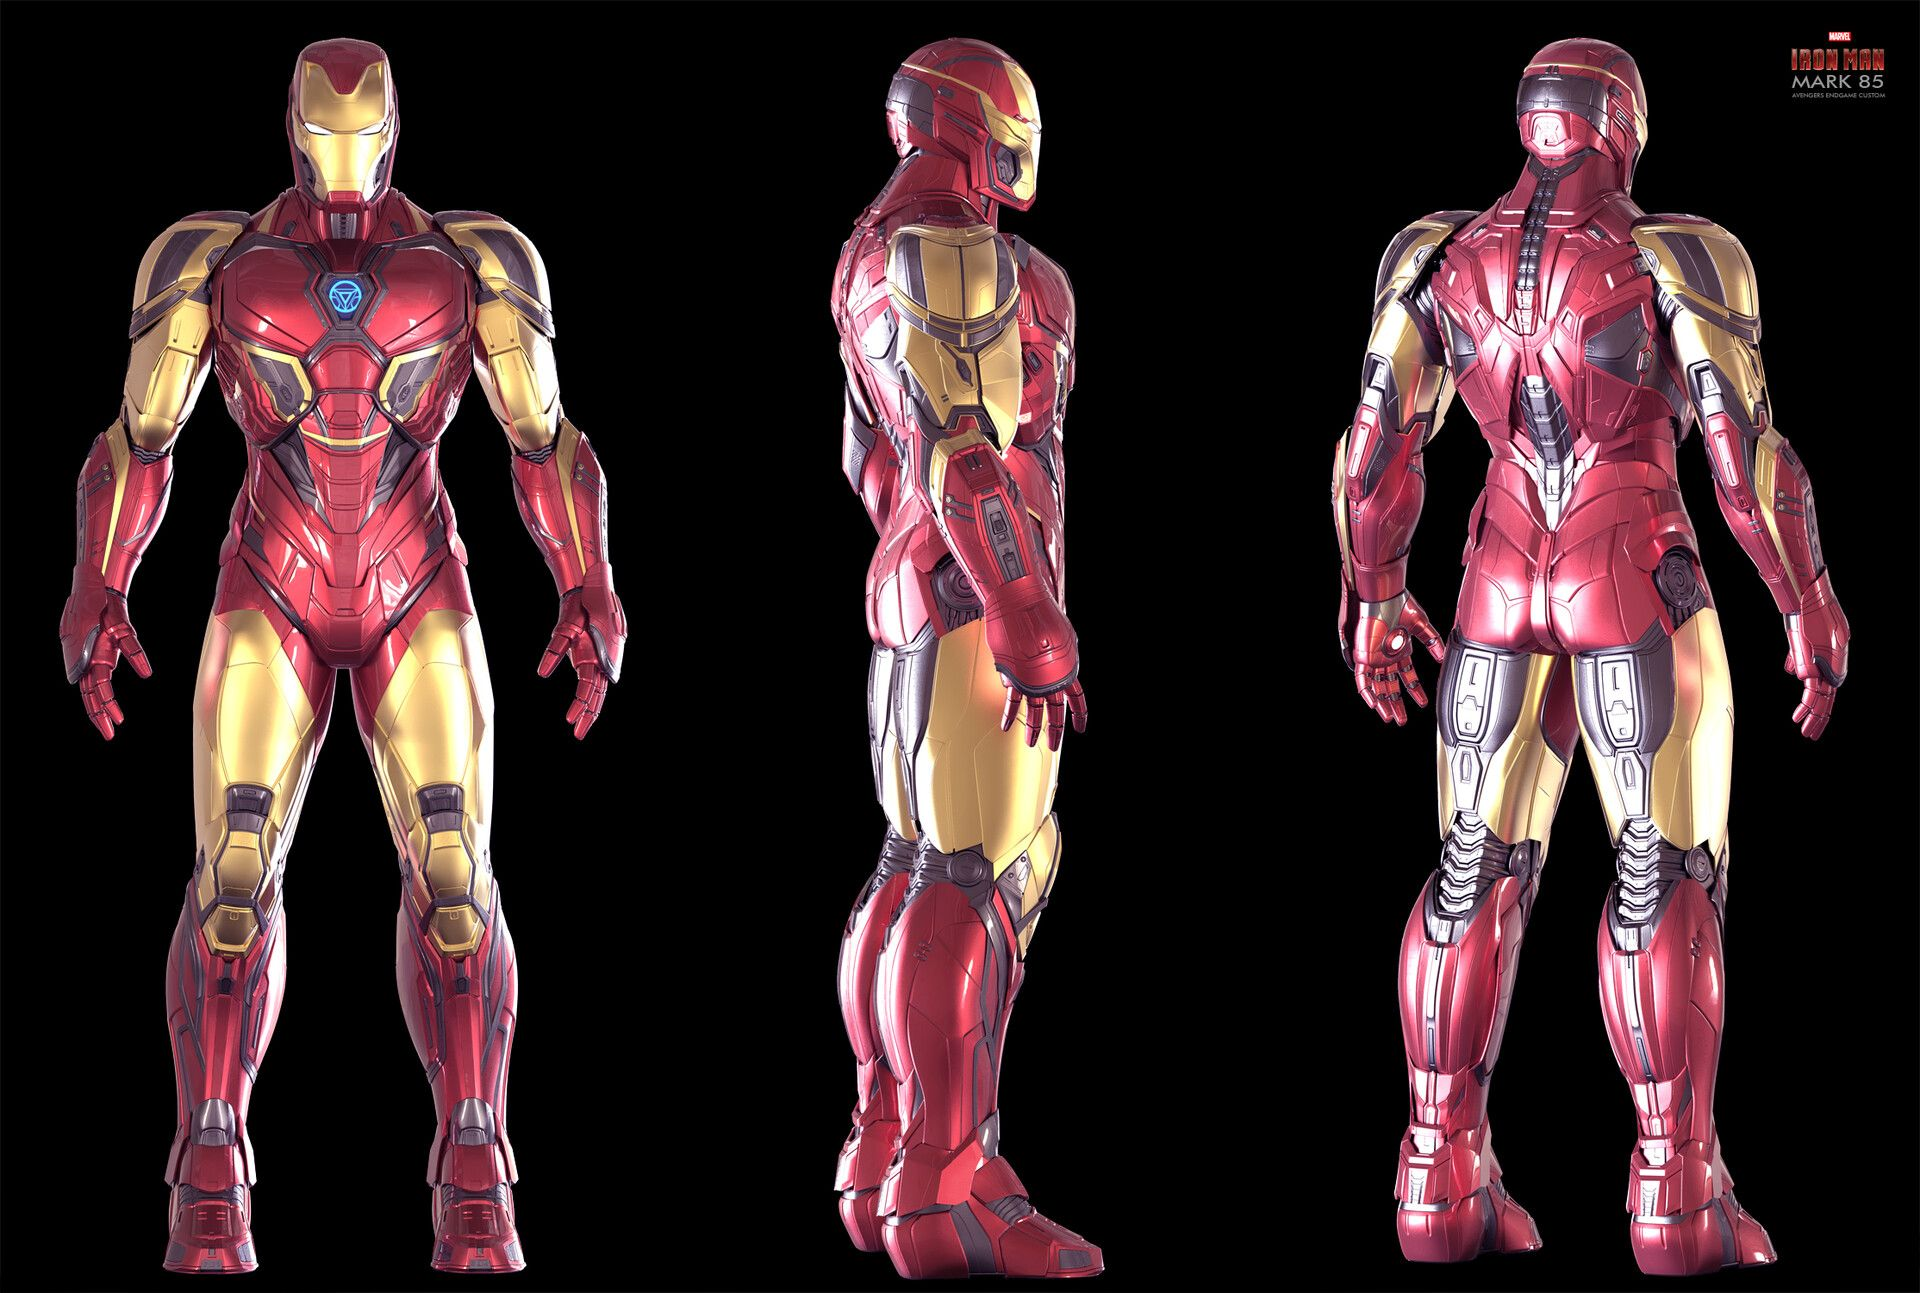 Artstation Iron Man Endgame Custom Mk 85 Christophe Lacaux Iron Man Art Iron Man Armor Iron Man Avengers